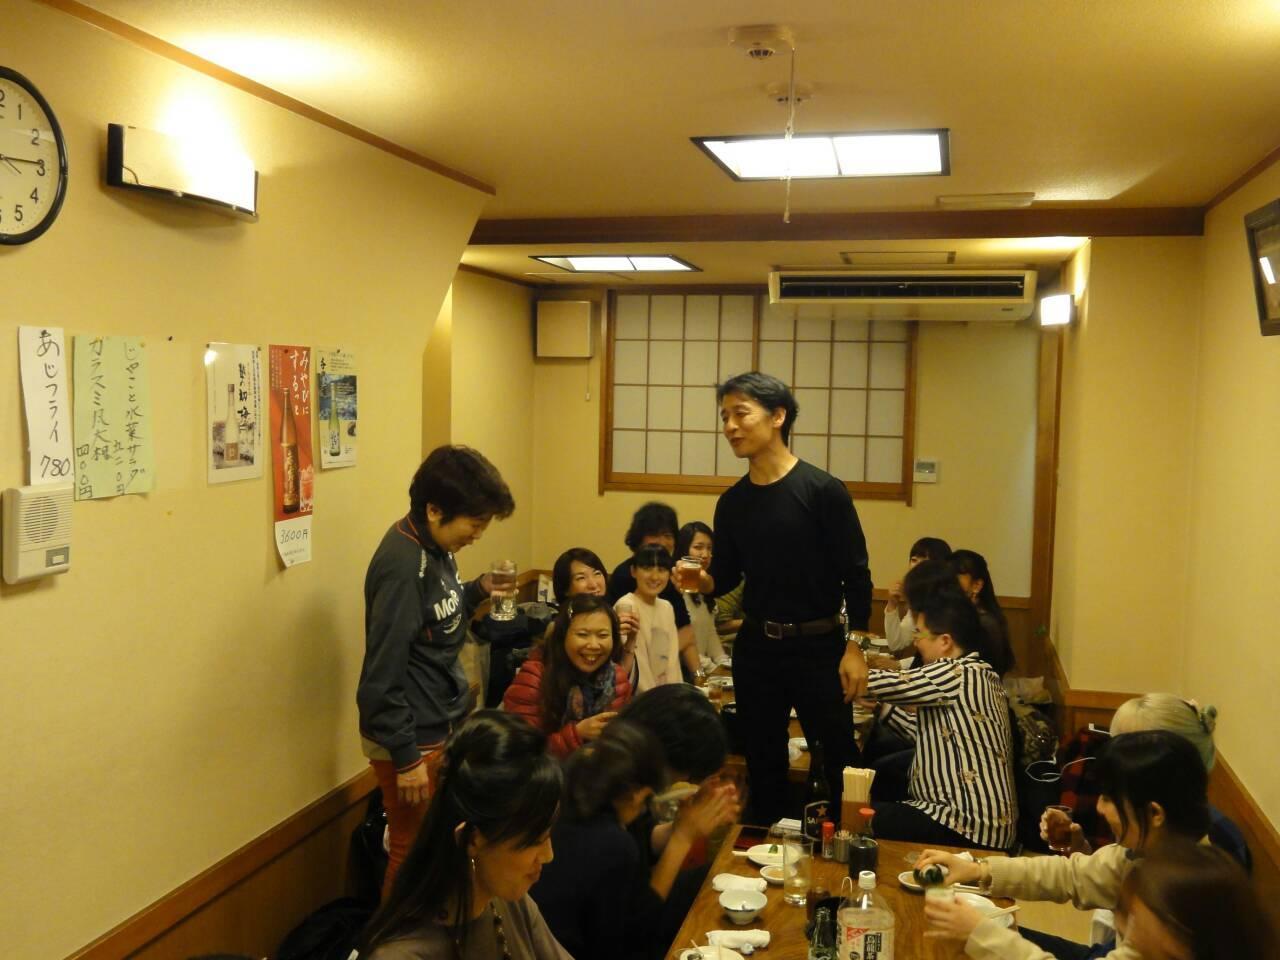 スセリ台本劇場 幕開け_a0163623_14513095.jpg